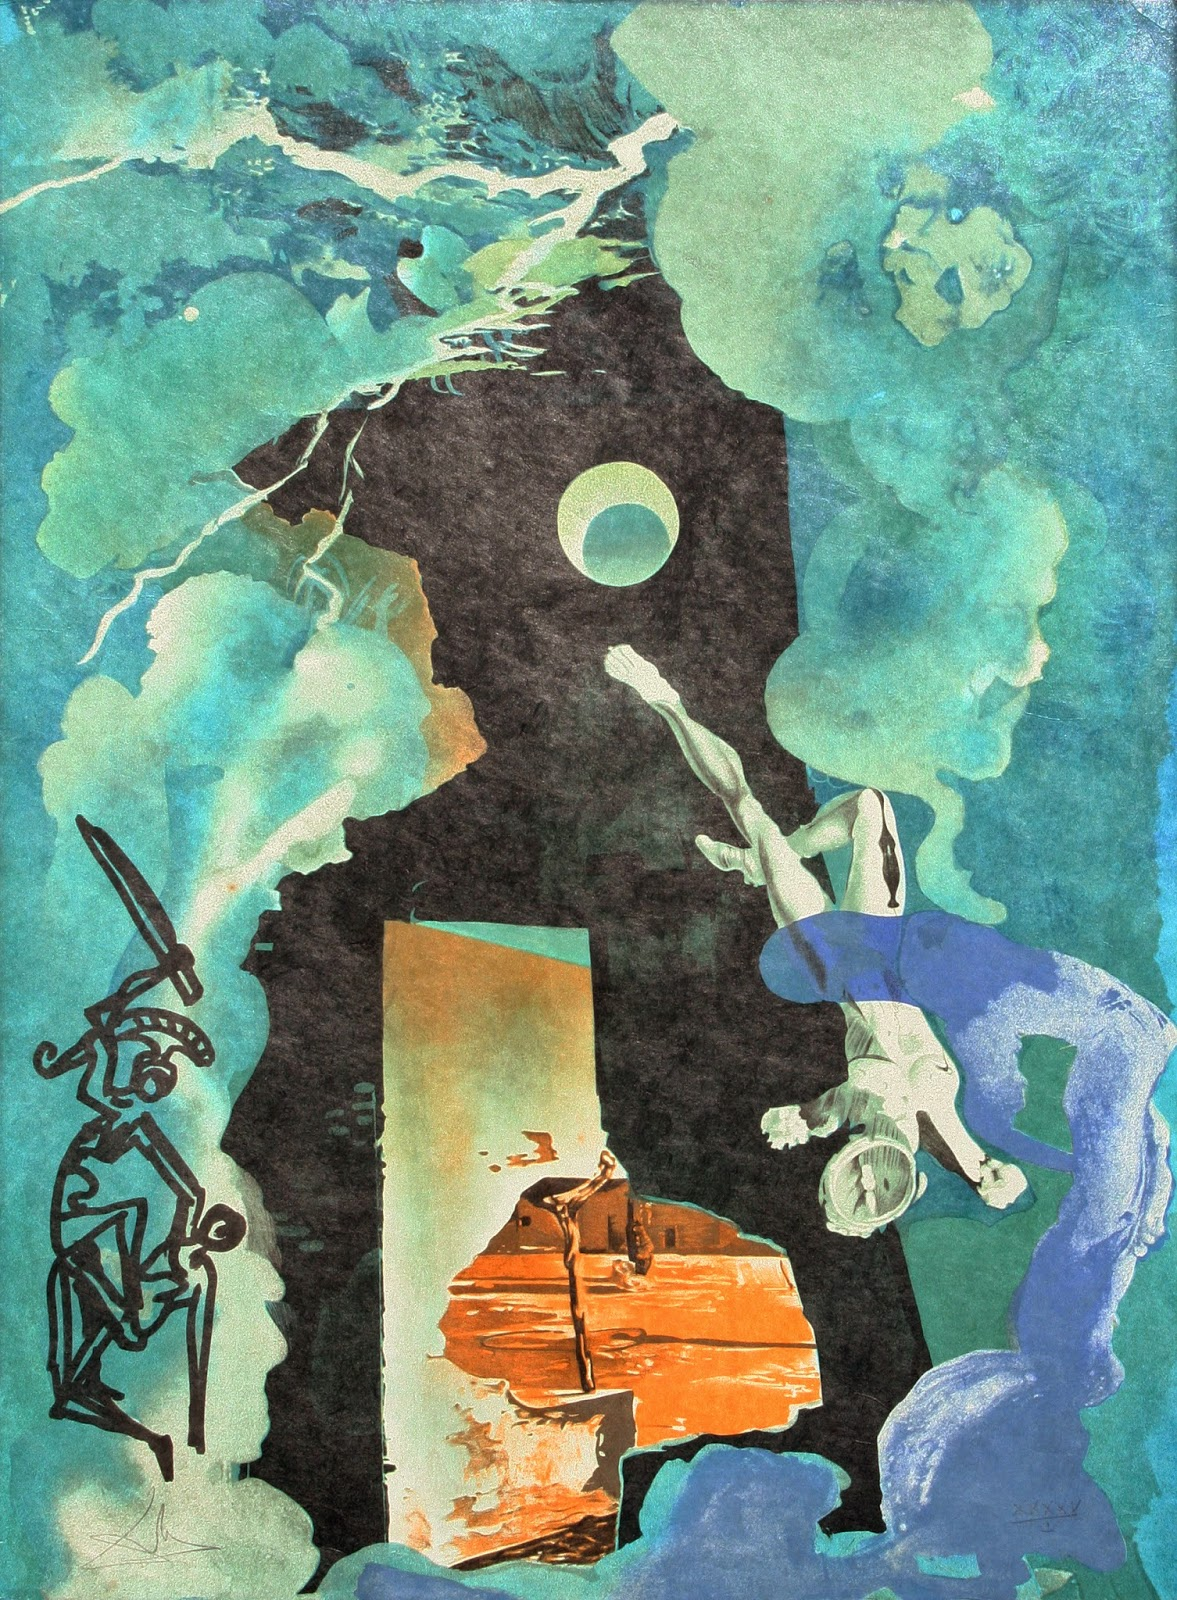 A torre, no tarô de Dalí